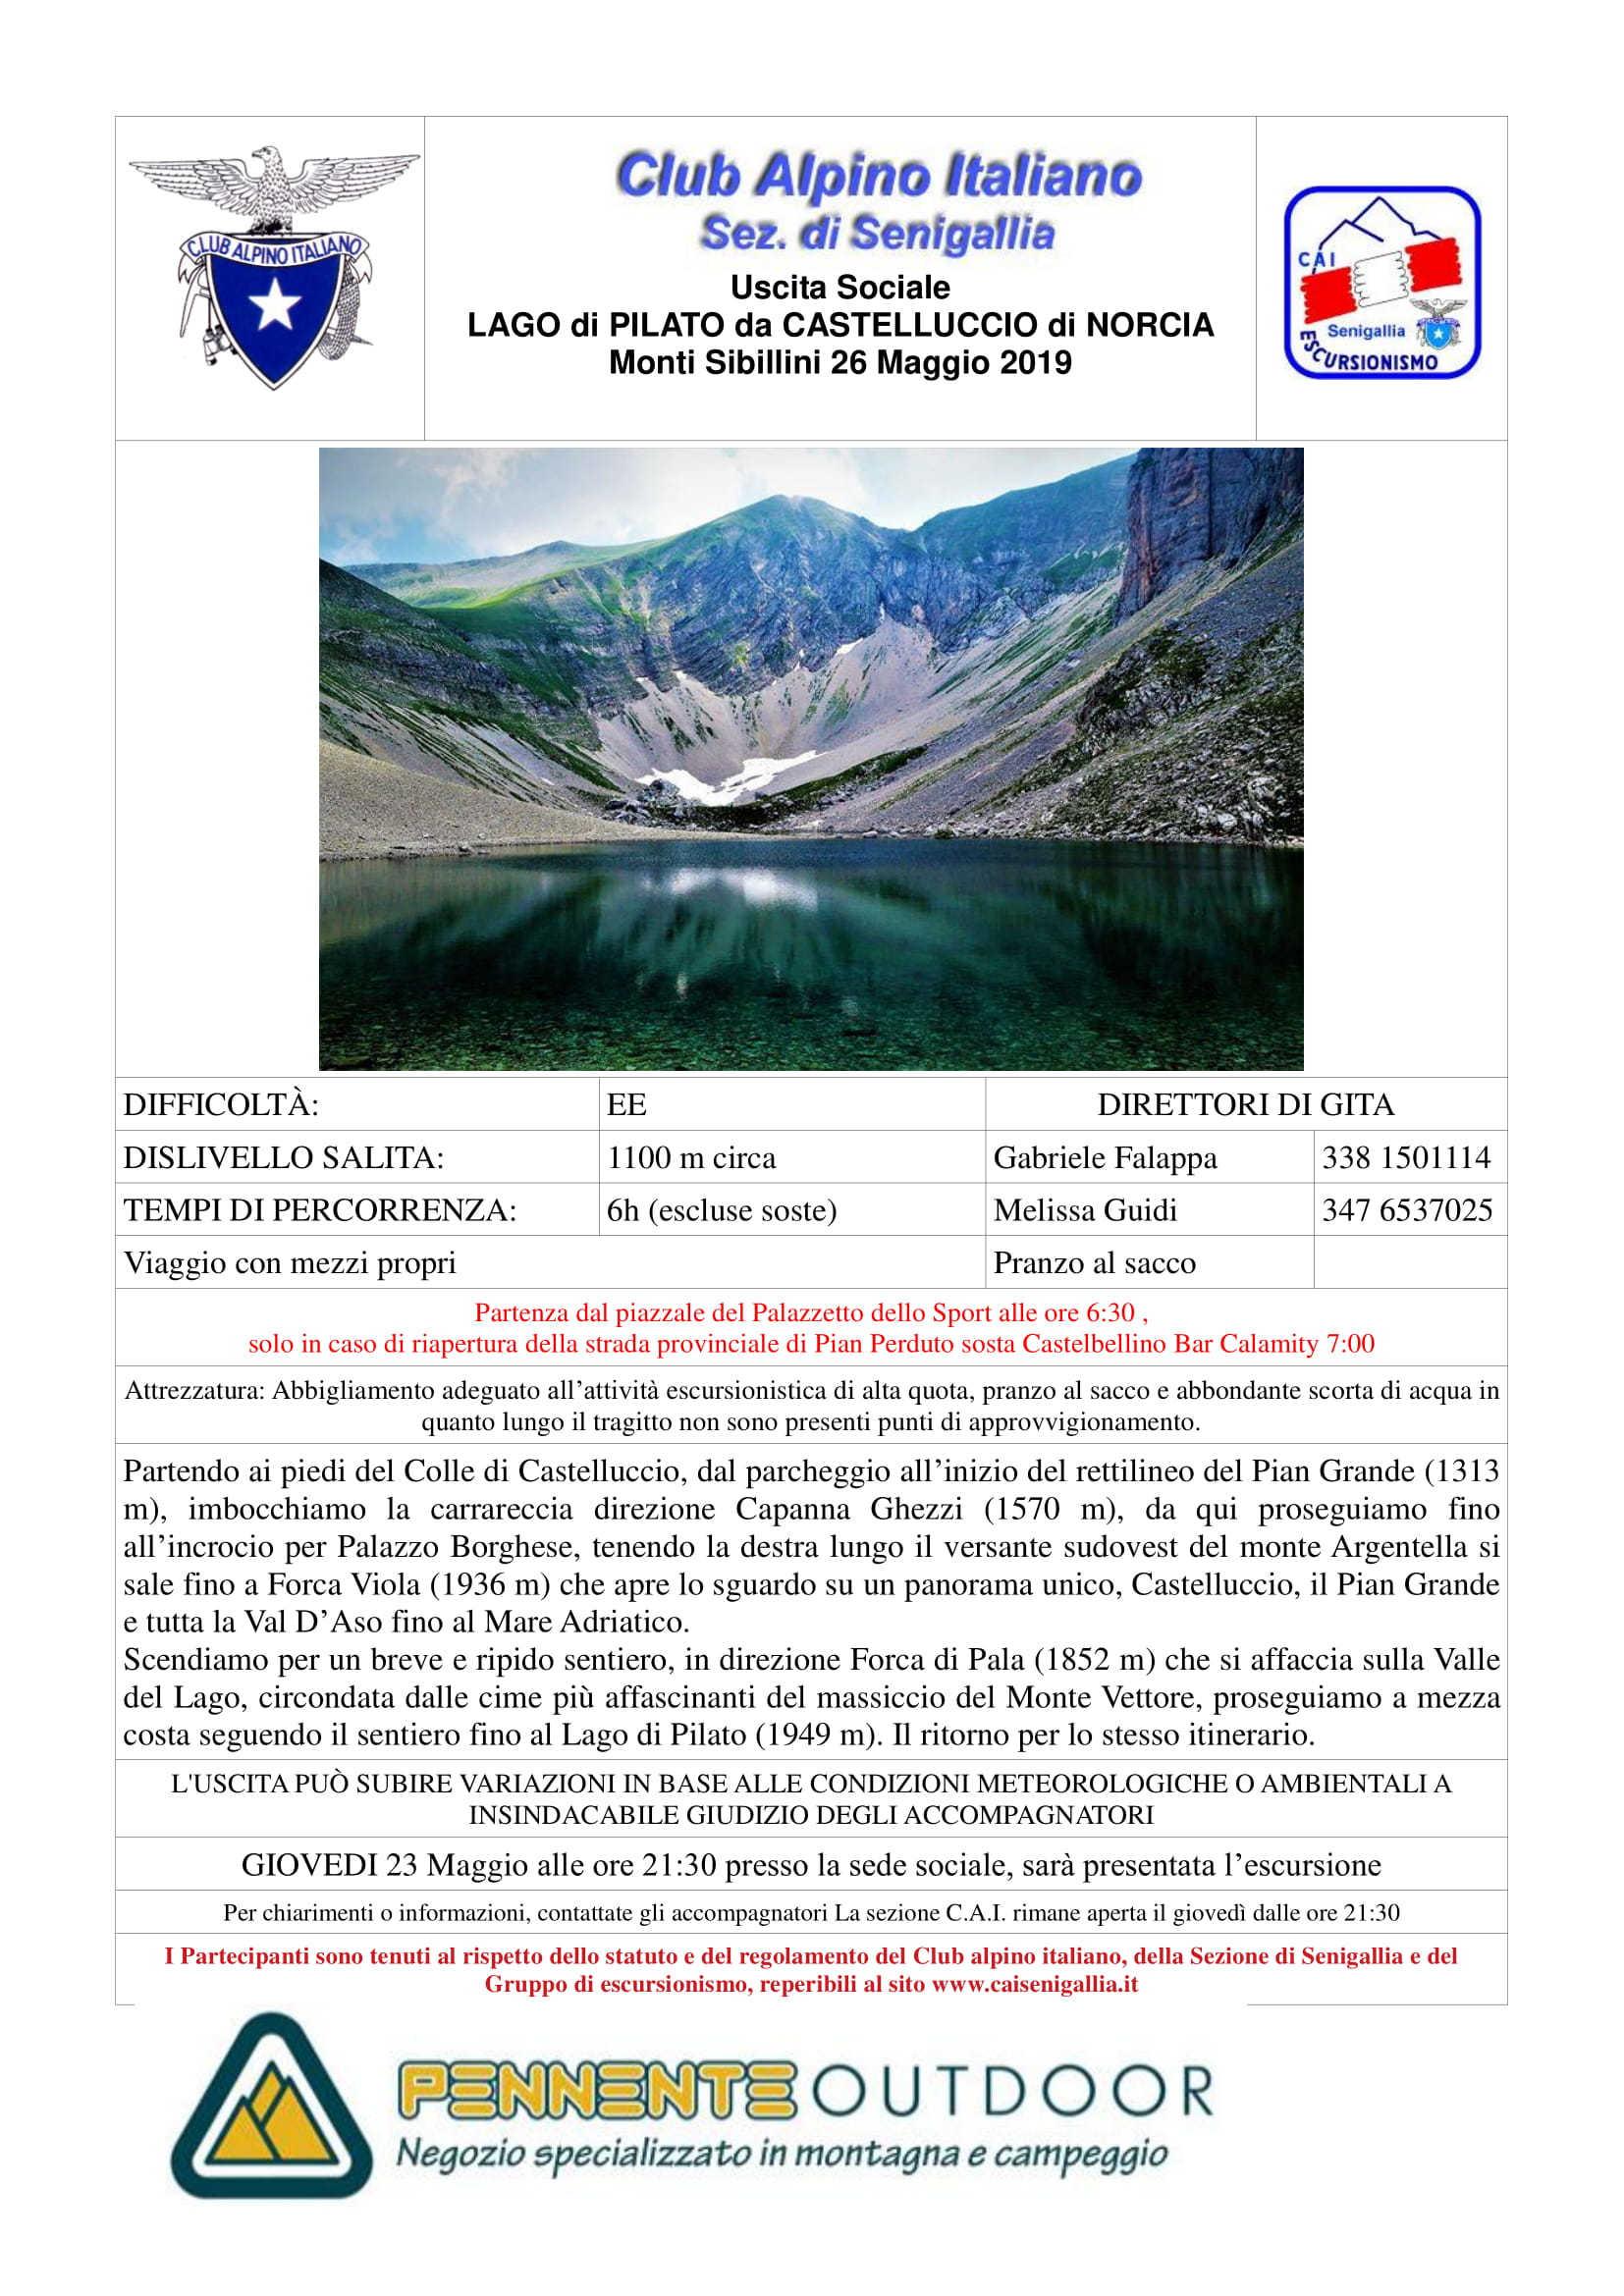 ANNULLATO - GE - Escursione al Lago di Pilato